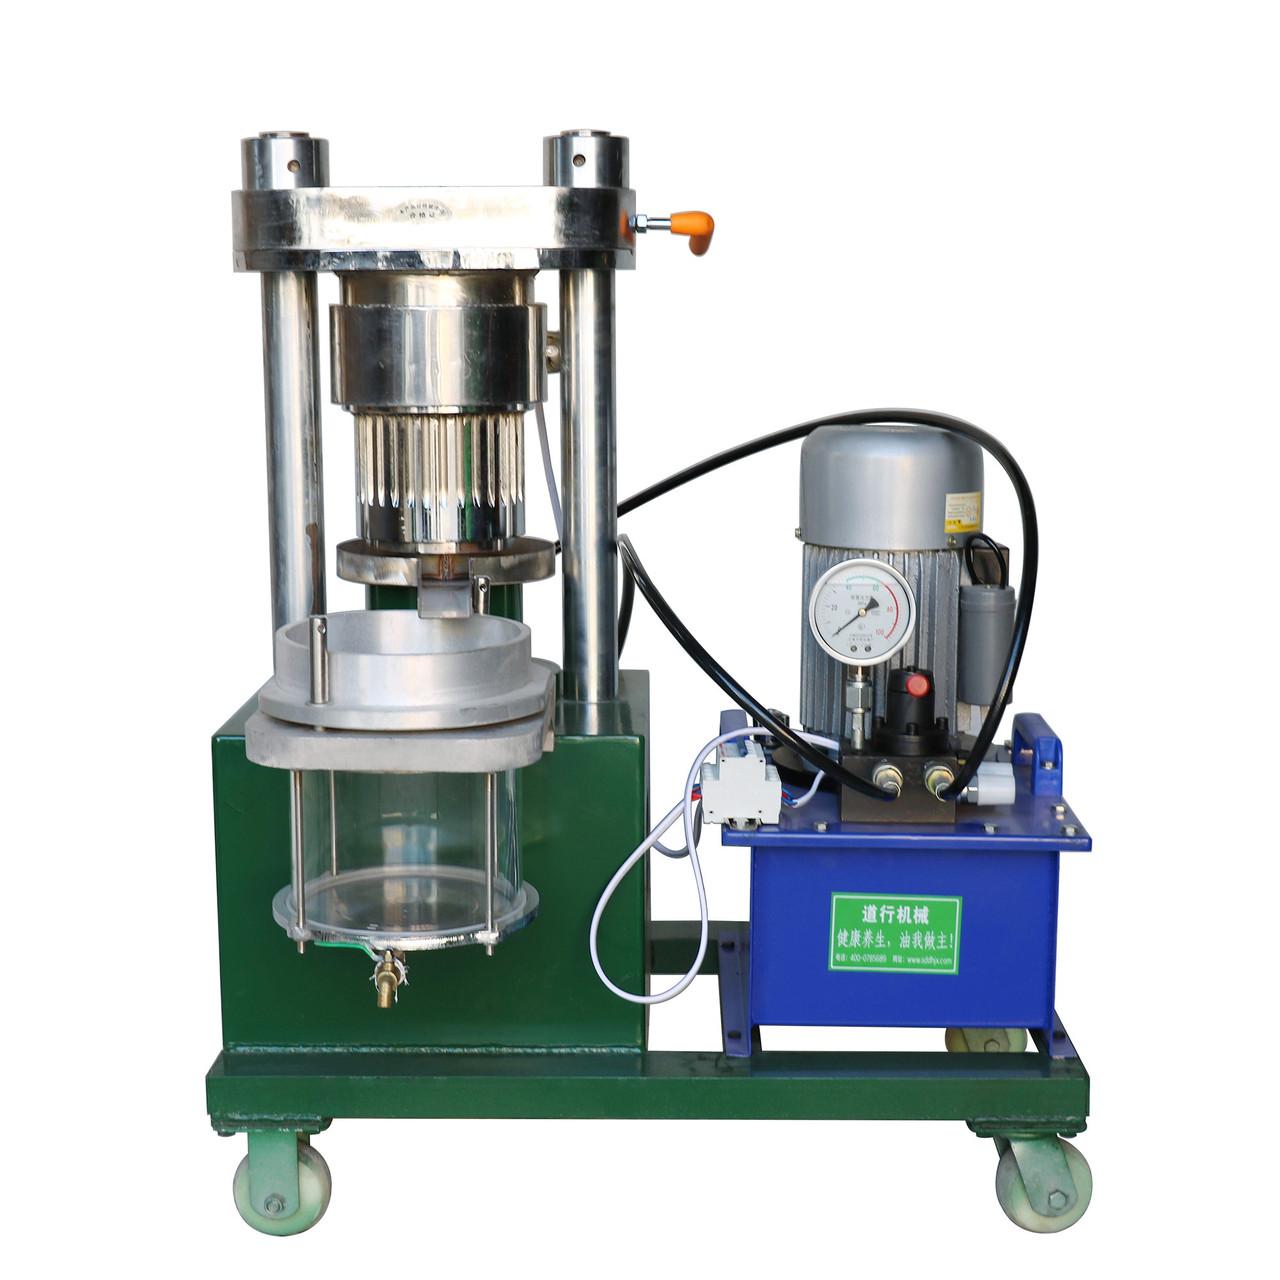 Гидравлическиймаслопресс Oil Extractor GP-80пресс для холодного отжима масла